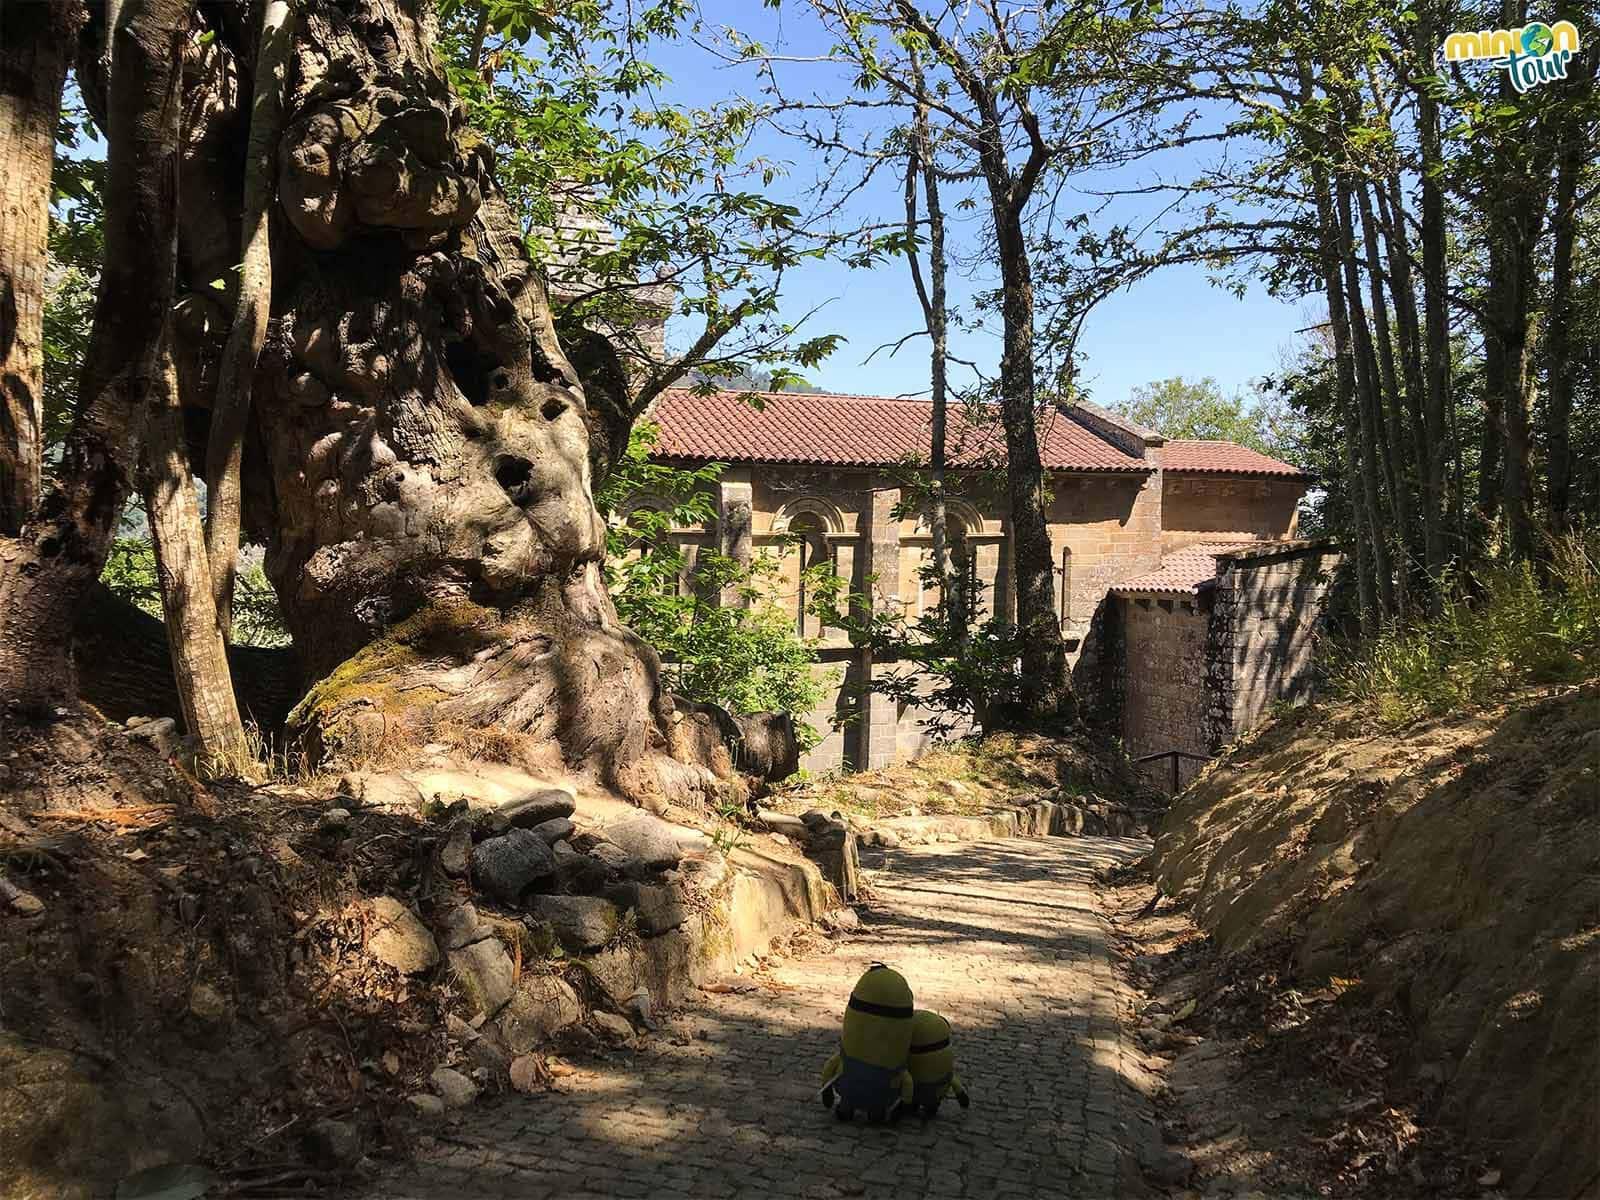 Empezando nuestra visita al Monasterio de Santa Cristina de Ribas de Sil